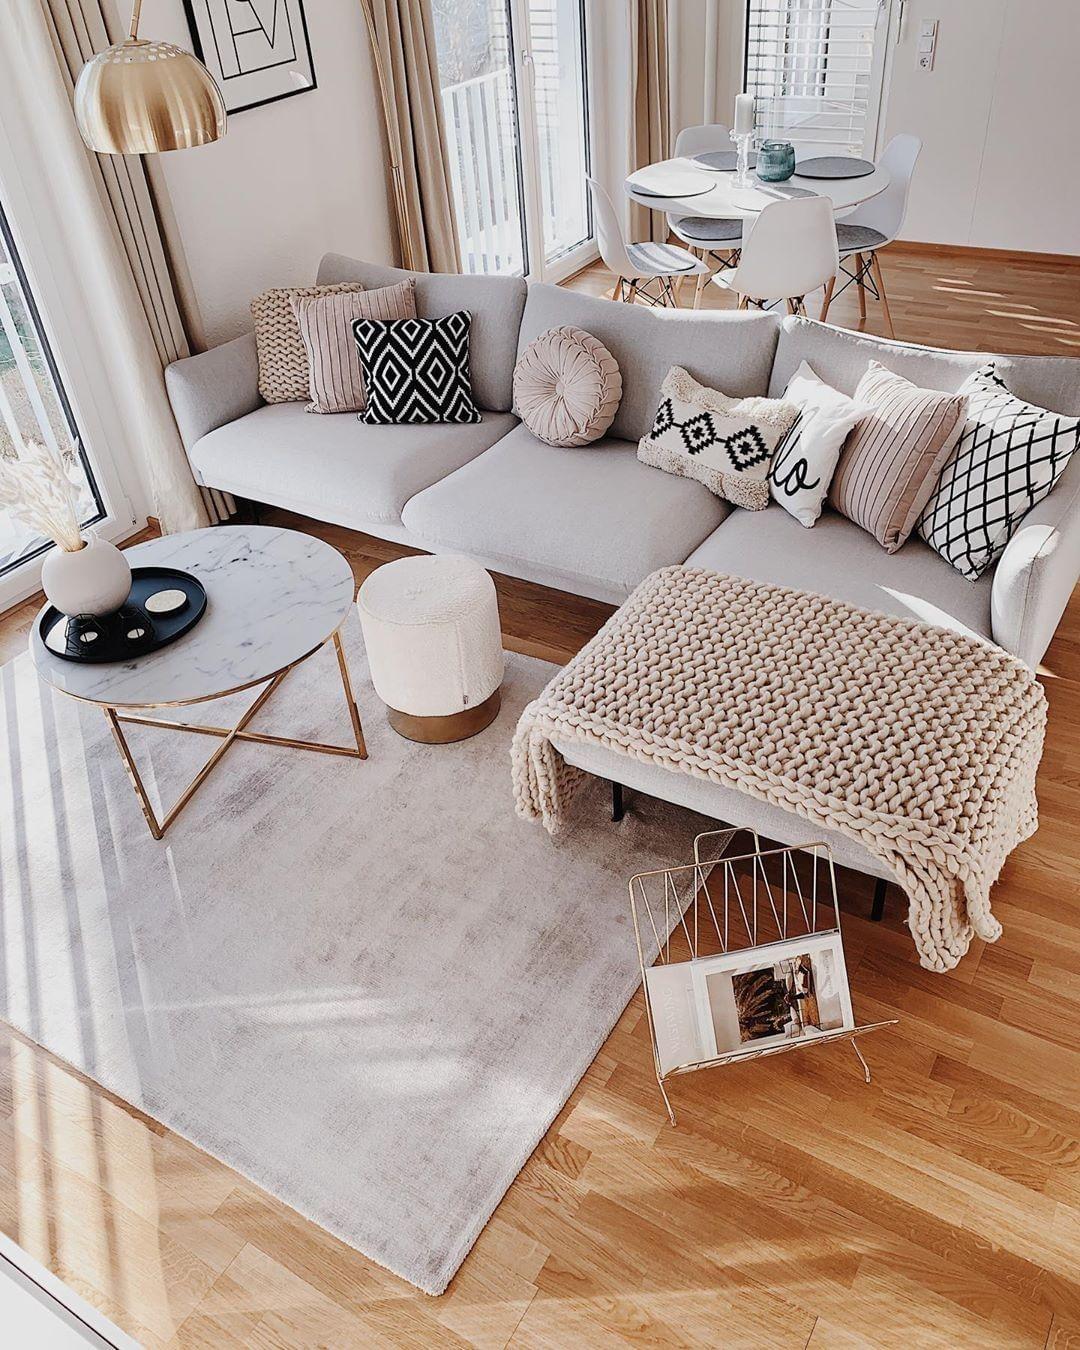 Diy Home Decor Wohnzimmer Ideen Wohnung Wohnzimmer Gestalten Wohnung Wohnzimmer